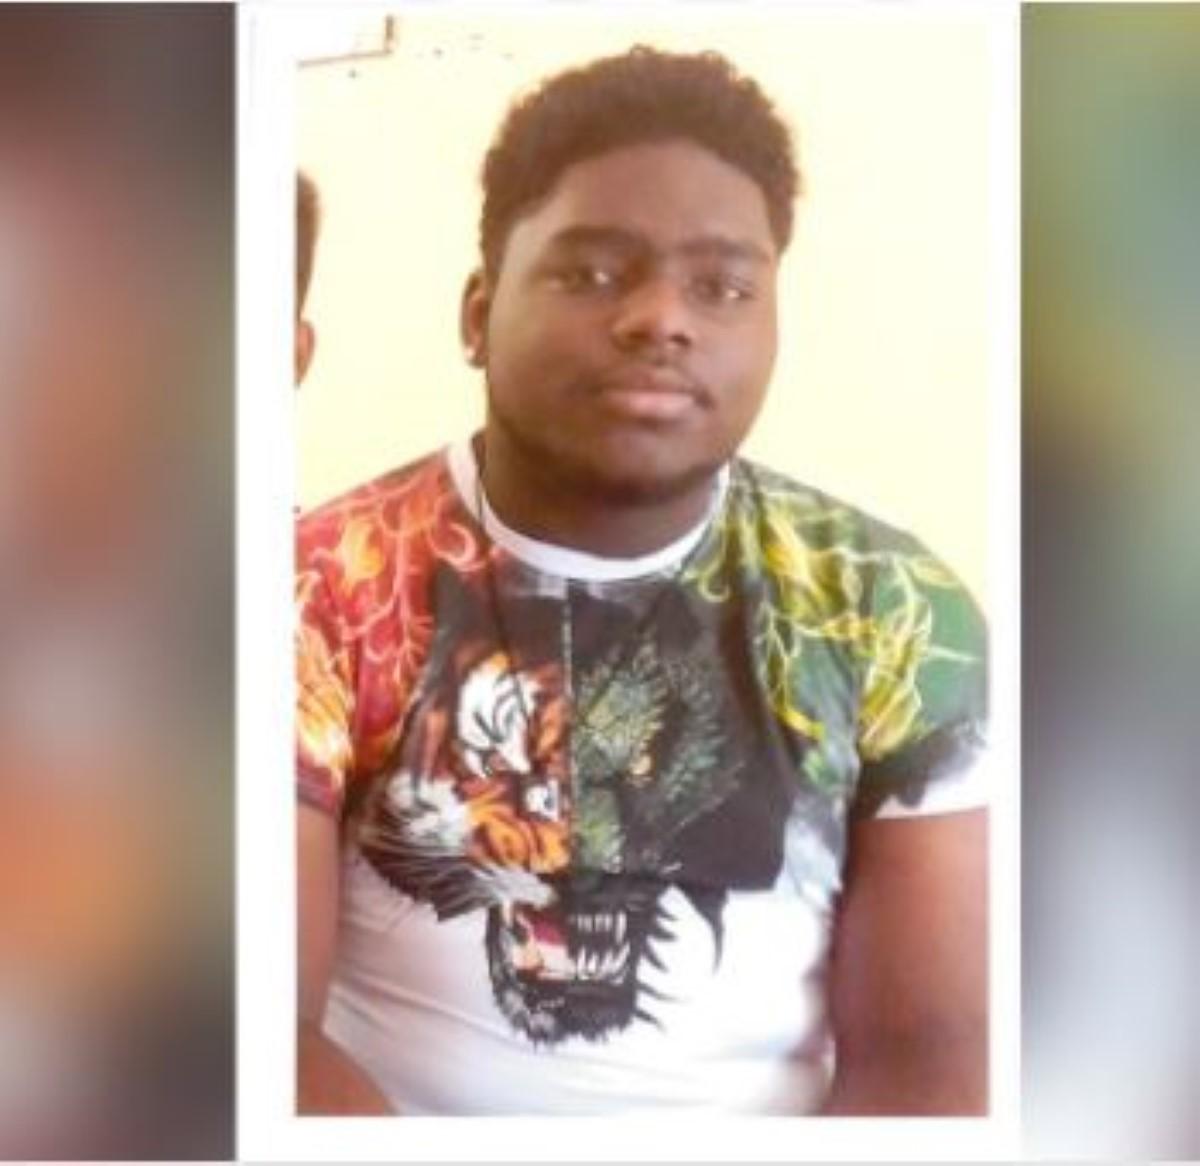 La Butte, Port-Louis : Disparition inquiétante de Ryan 16 ans